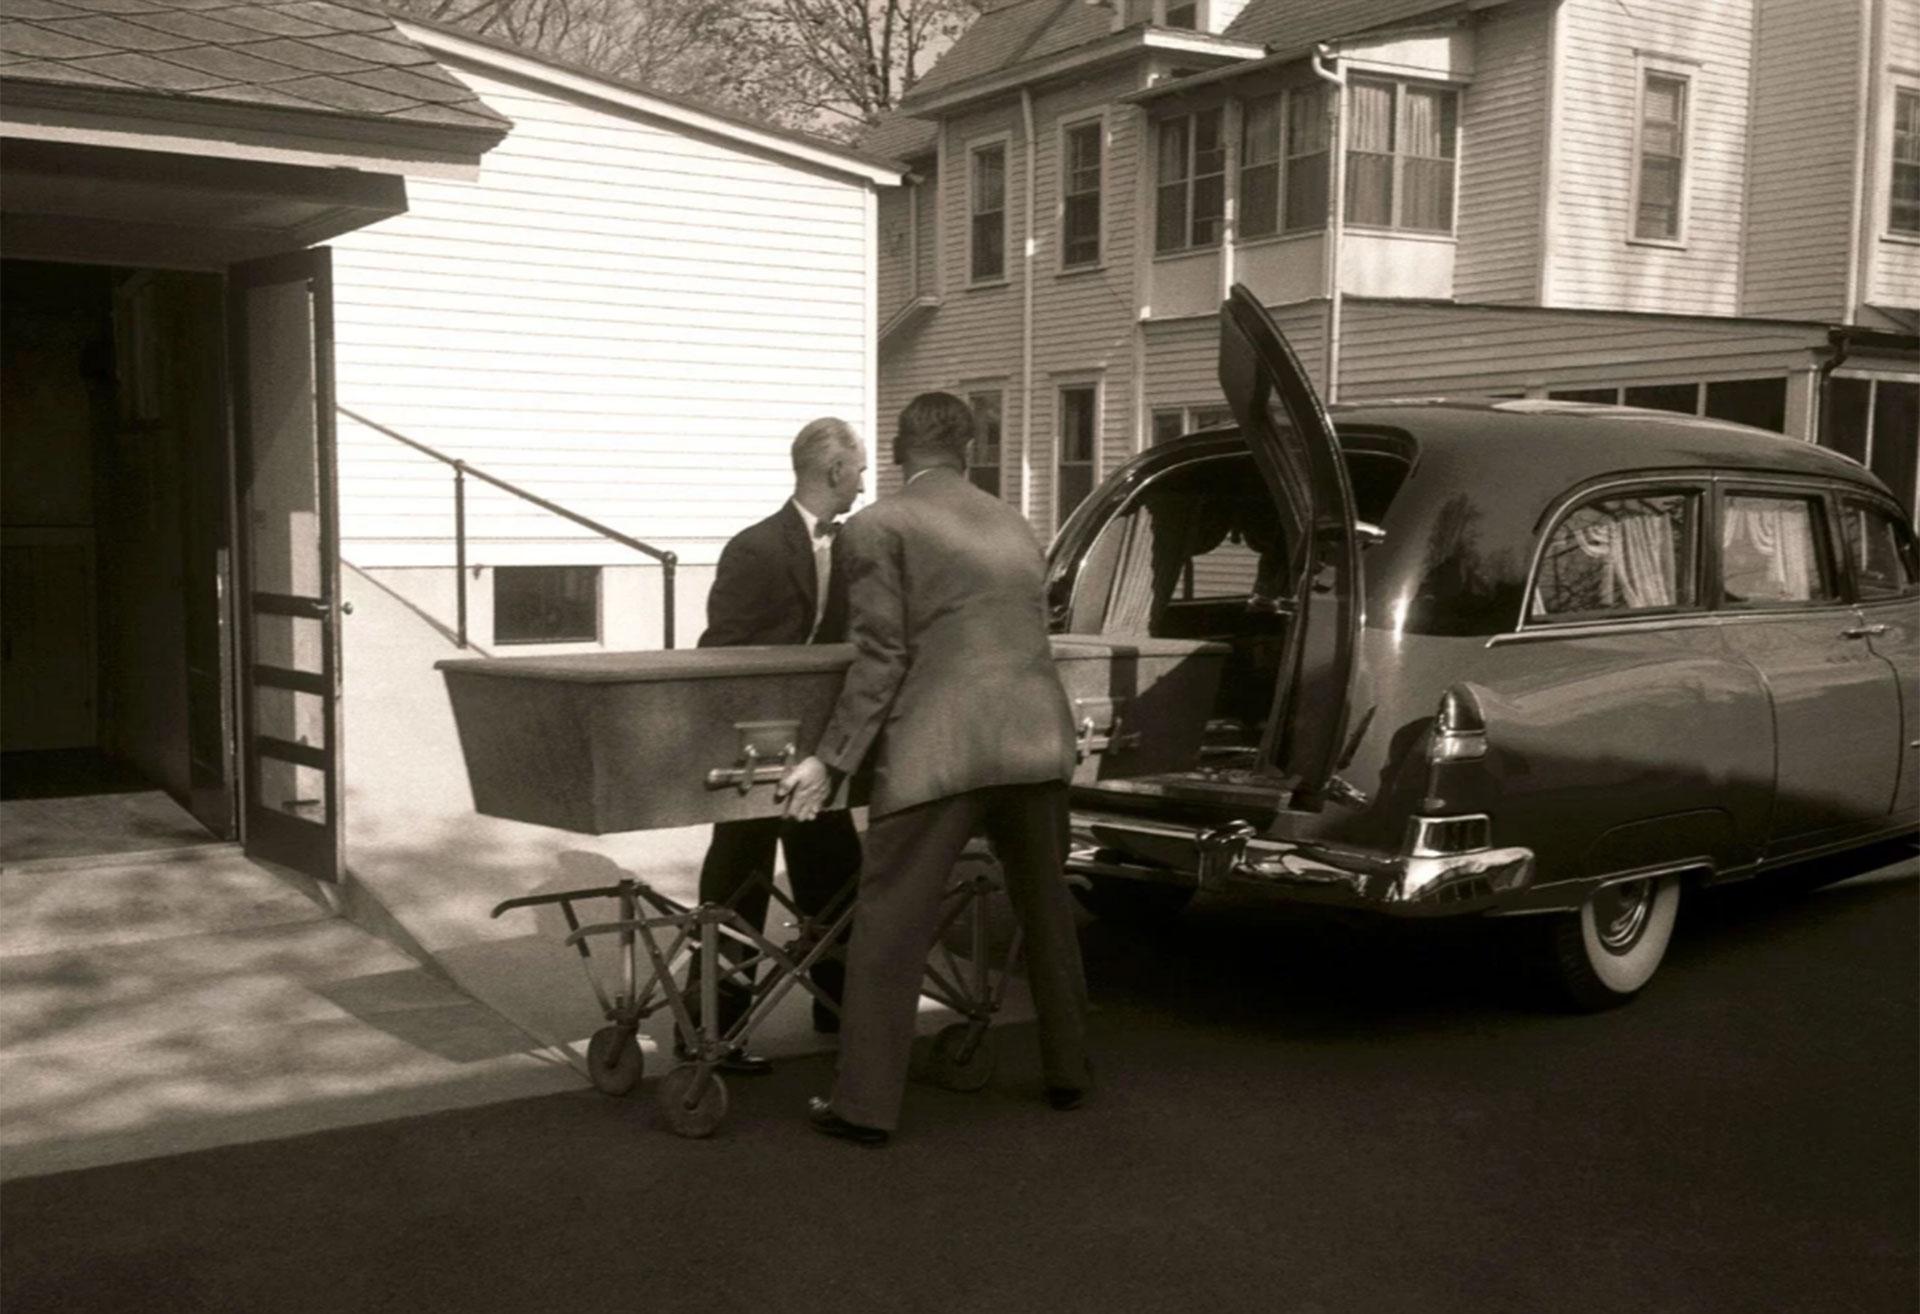 El sencillo ataúd con los restos de Albert Einstein es trasladado de una casa funeraria al crematorio de Princeton.